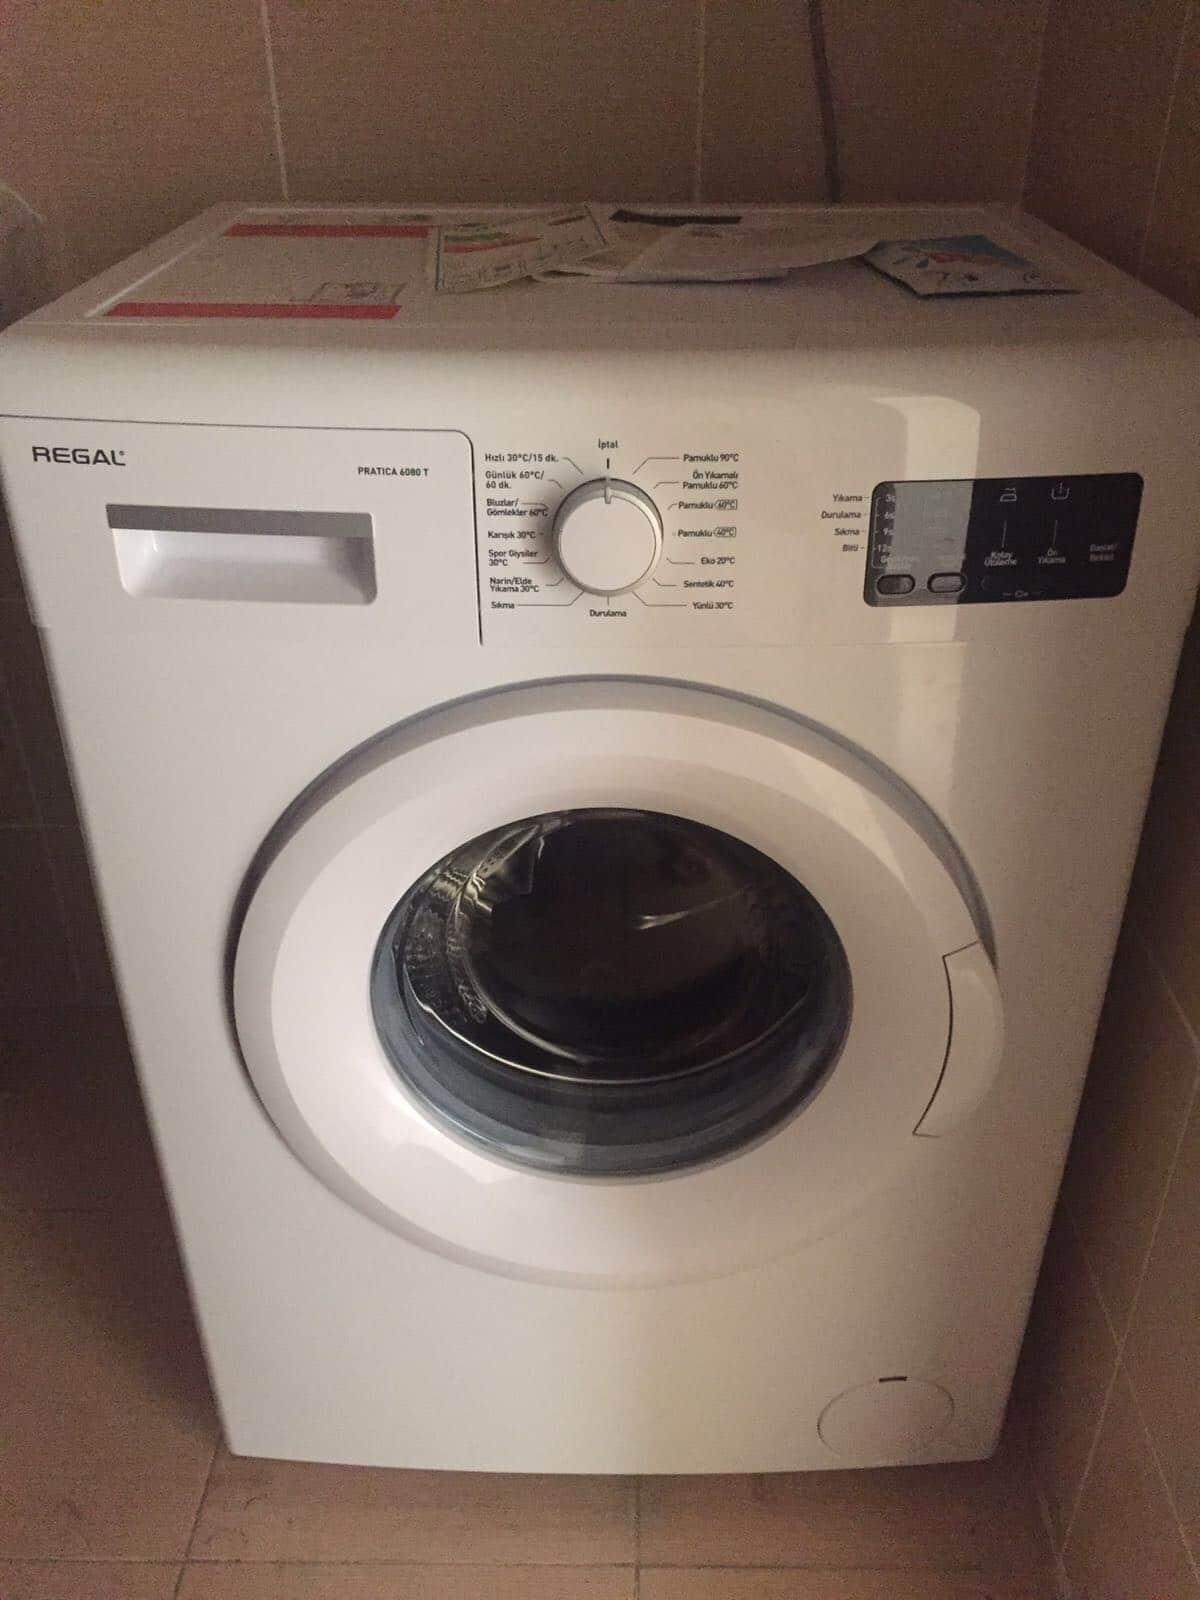 2 el çamaşır makinesi satmak istiyorum